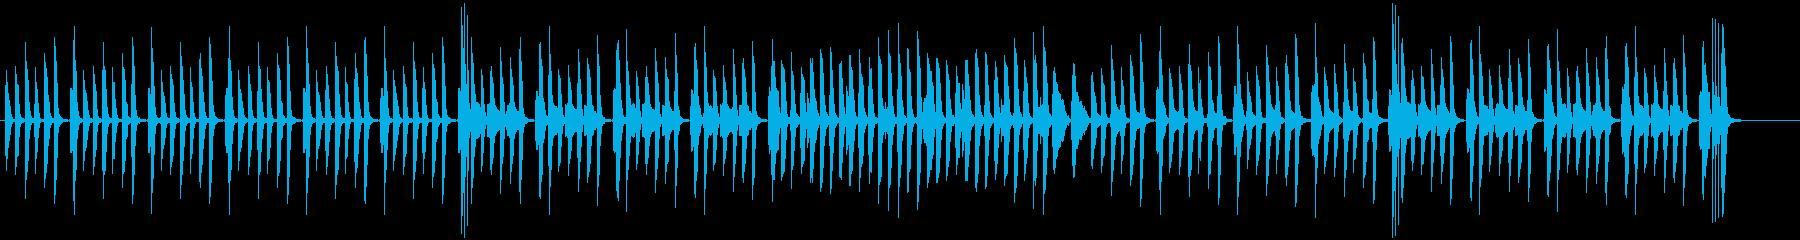 日常系ピアノの軽やかでかわいい曲・伴奏版の再生済みの波形